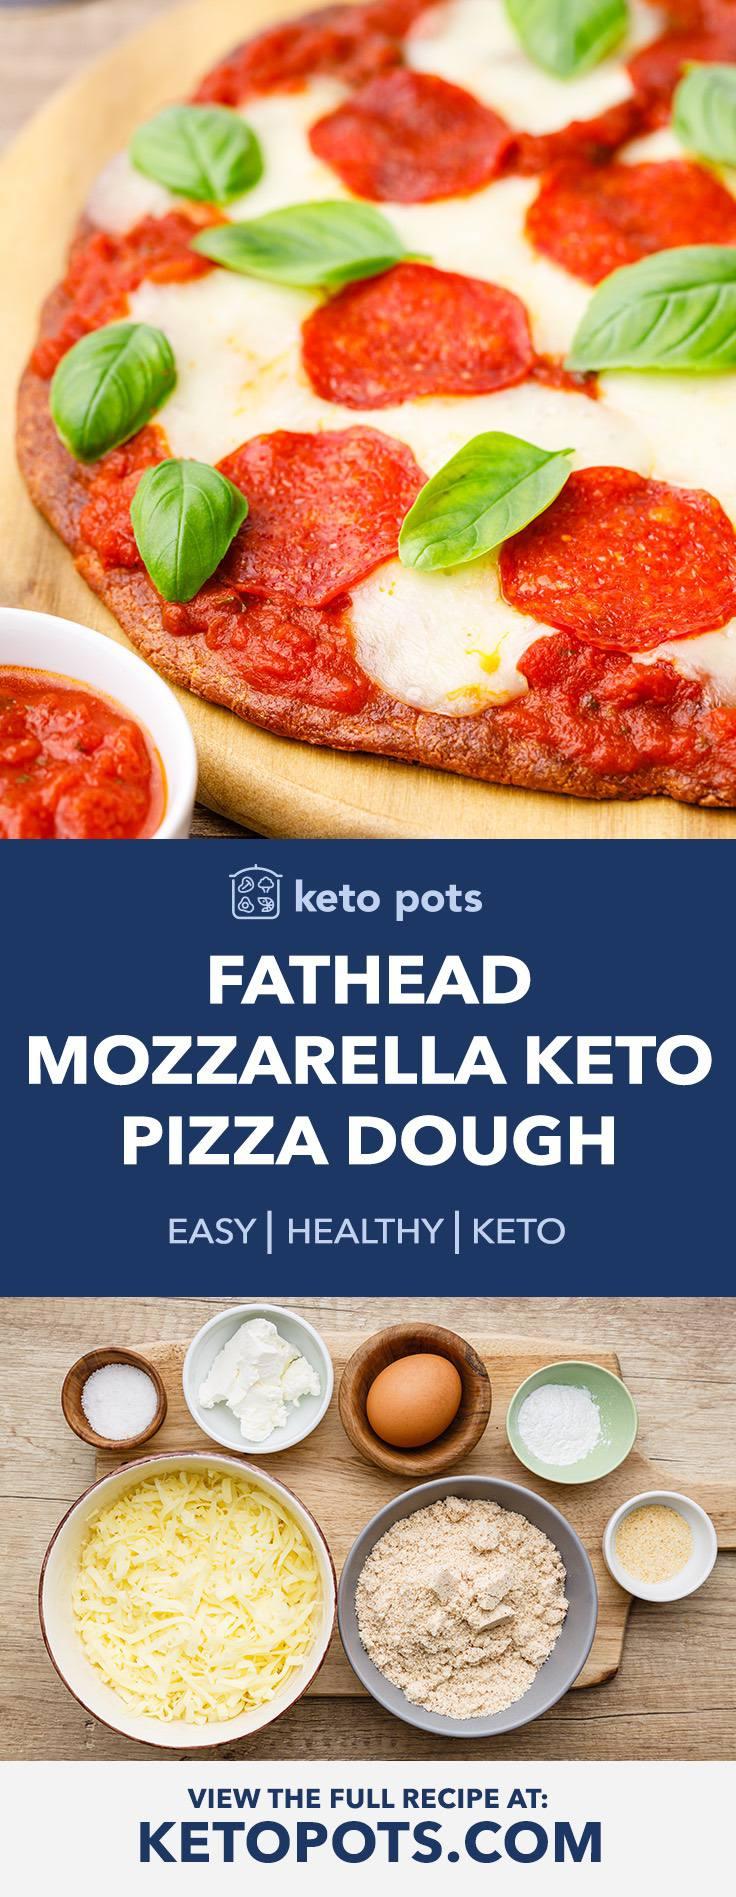 Fathead Mozzarella Keto Pizza Dough Recipe